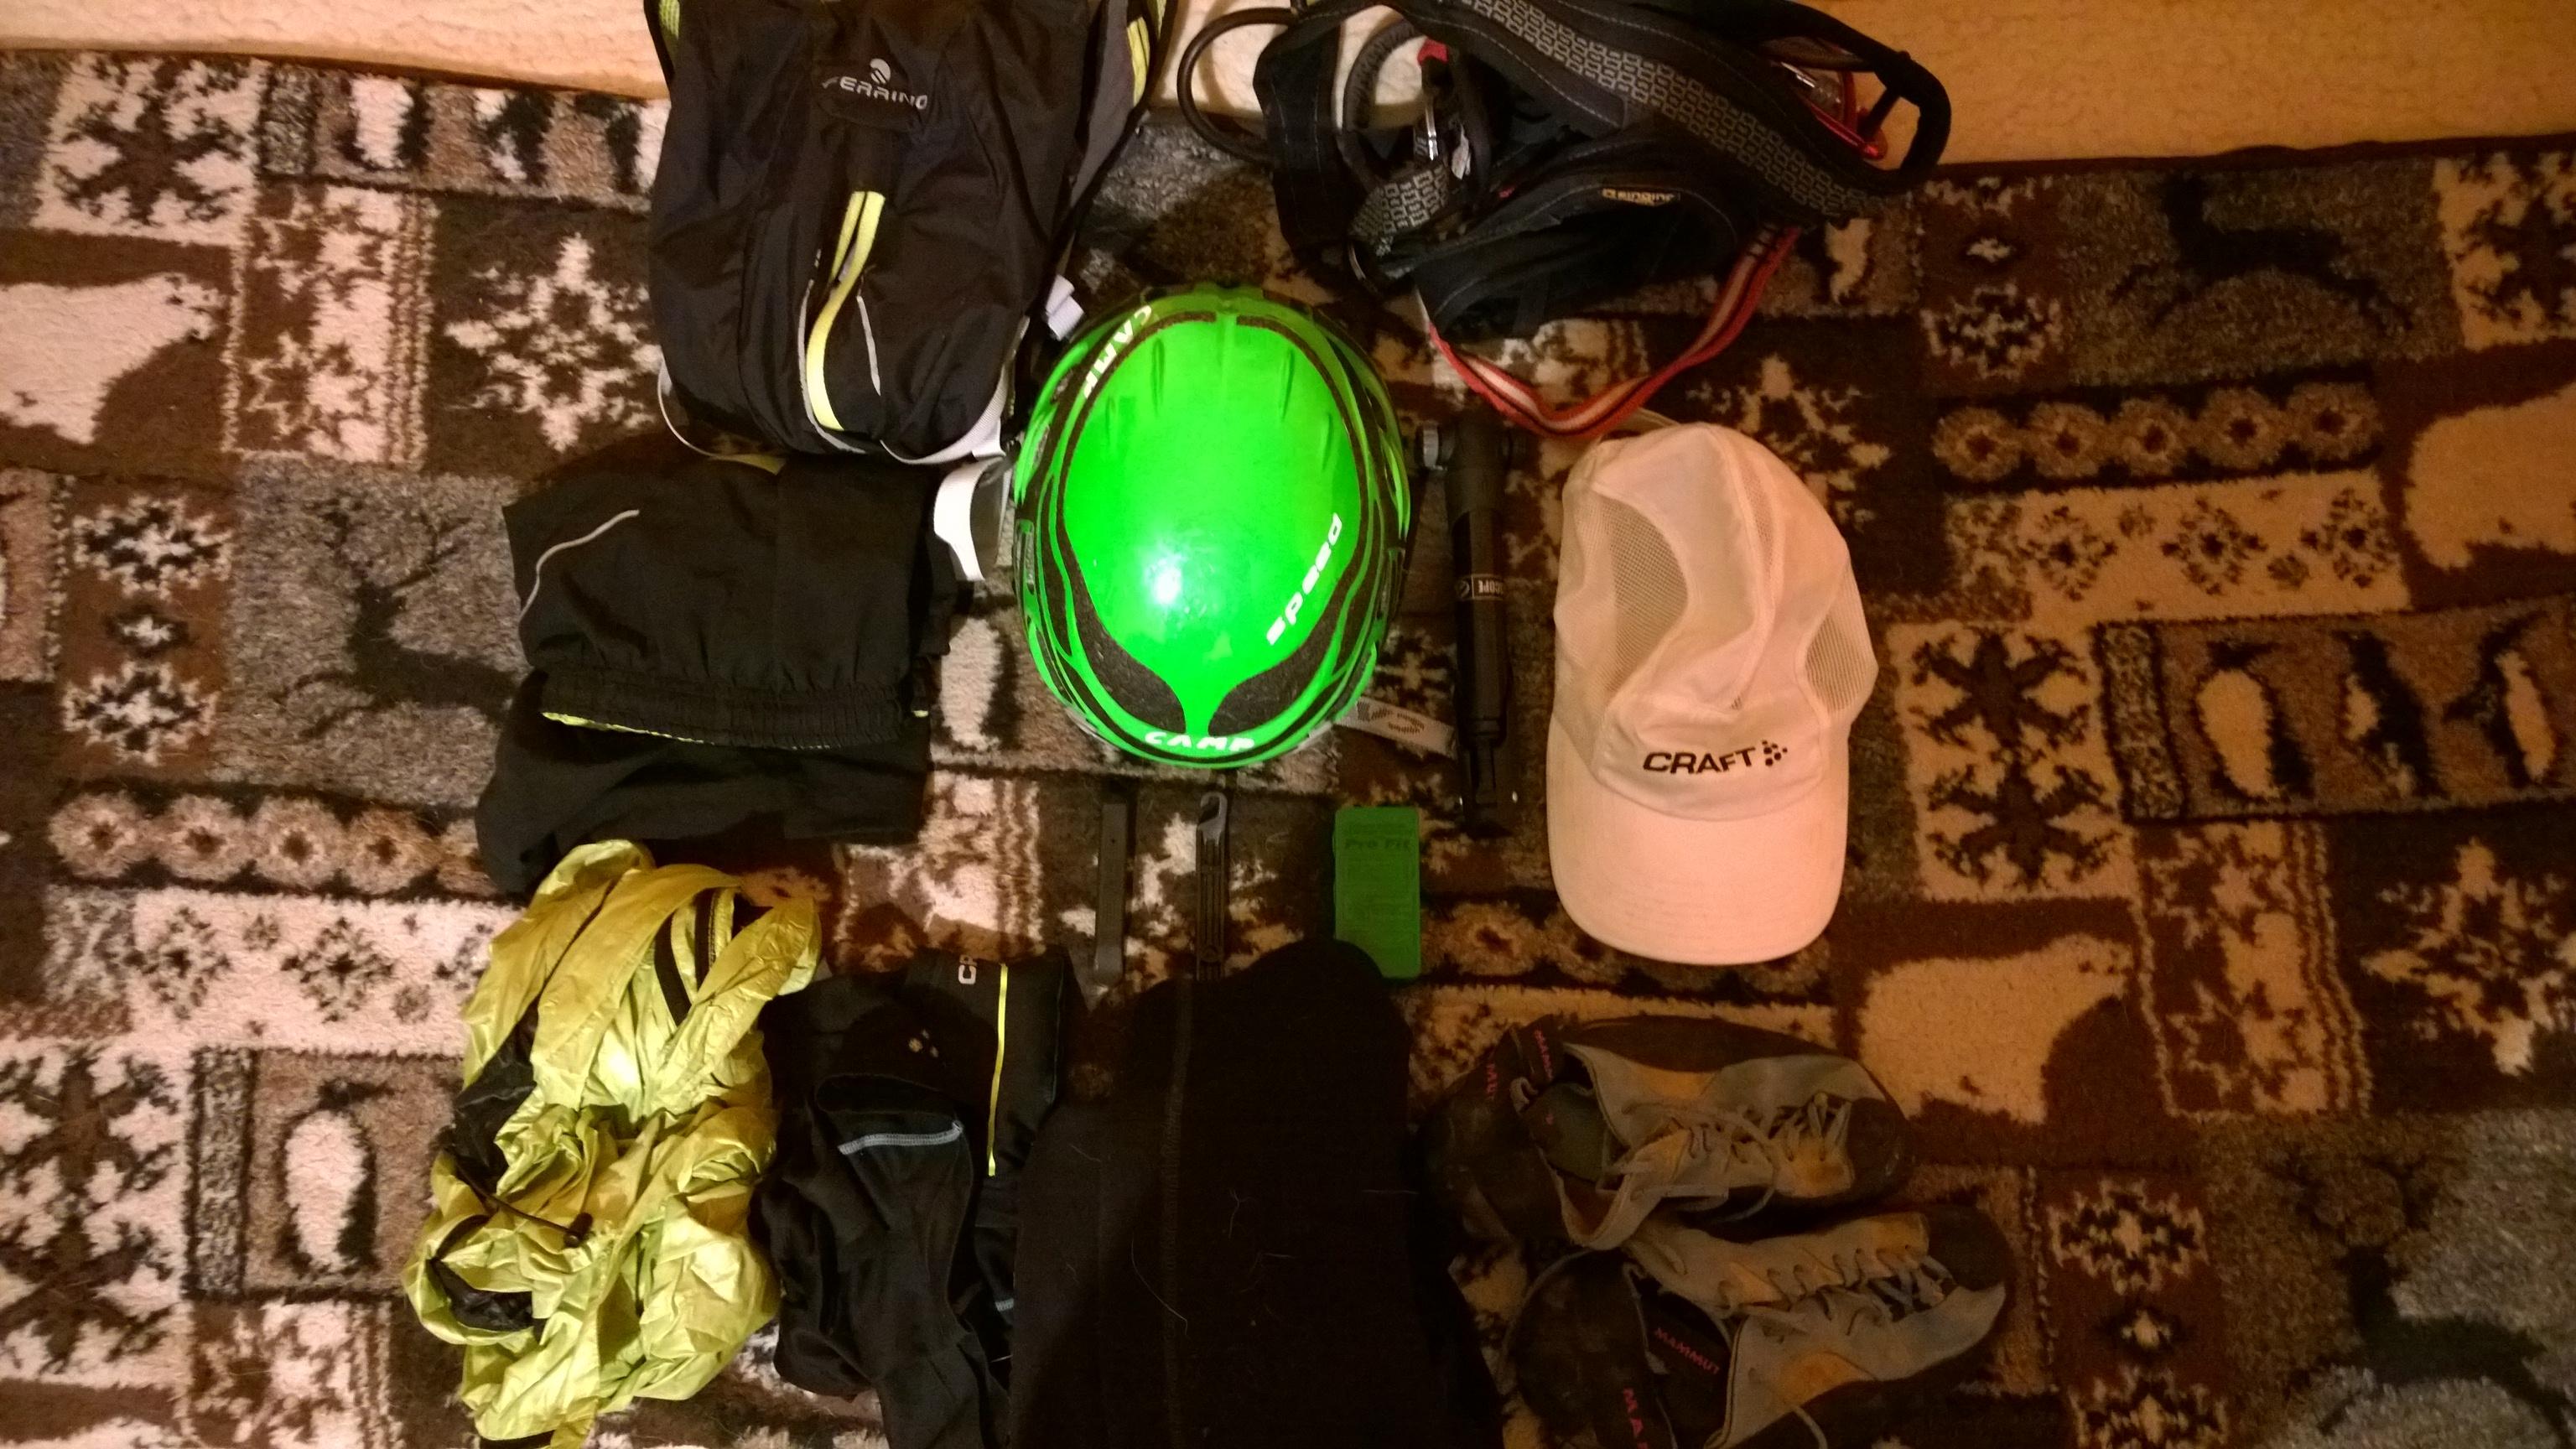 vybava na horolezecký triatlon